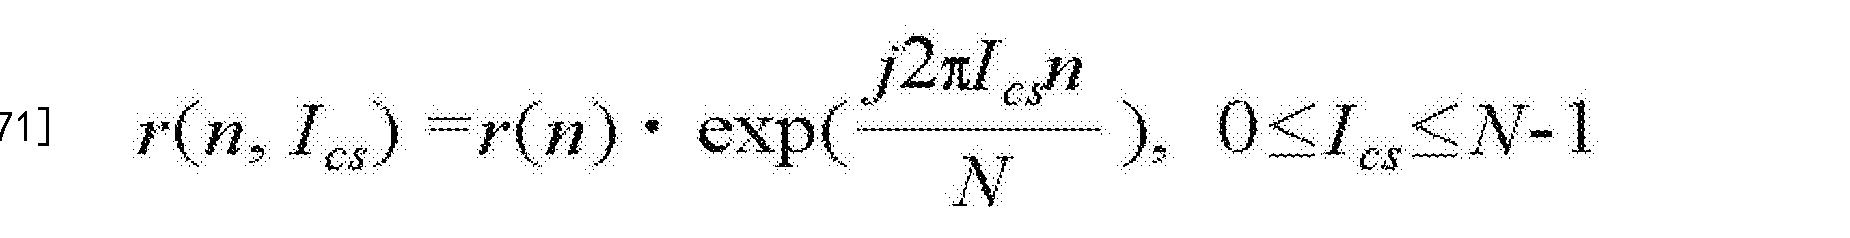 Figure CN103229447BD00091